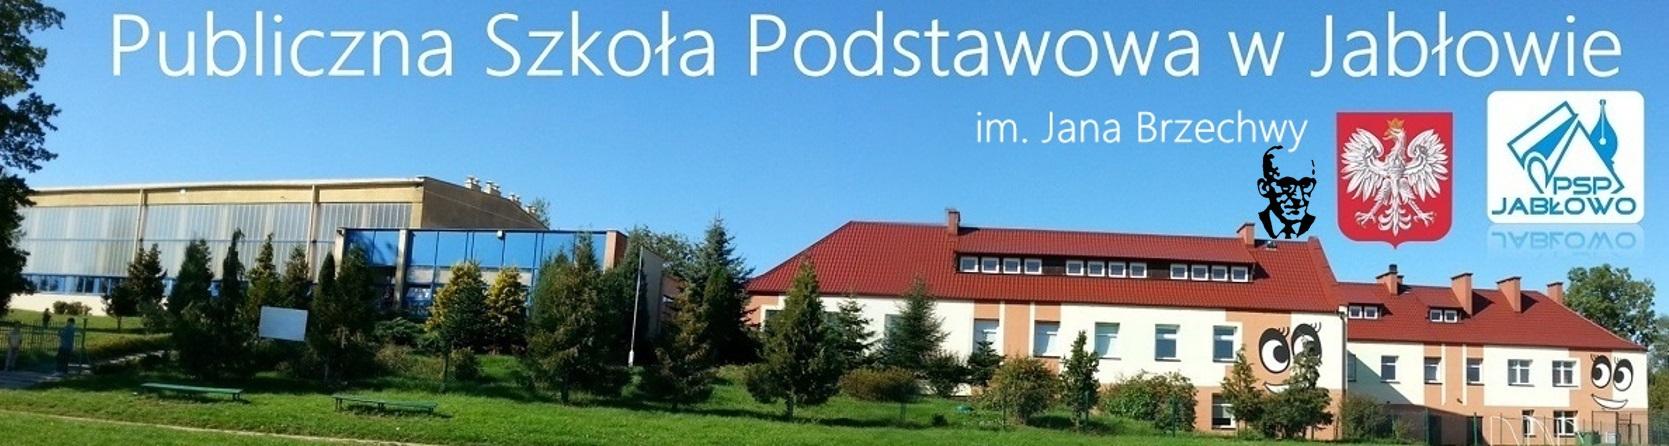 Publiczna Szkoła Podstawowa w Jabłowie